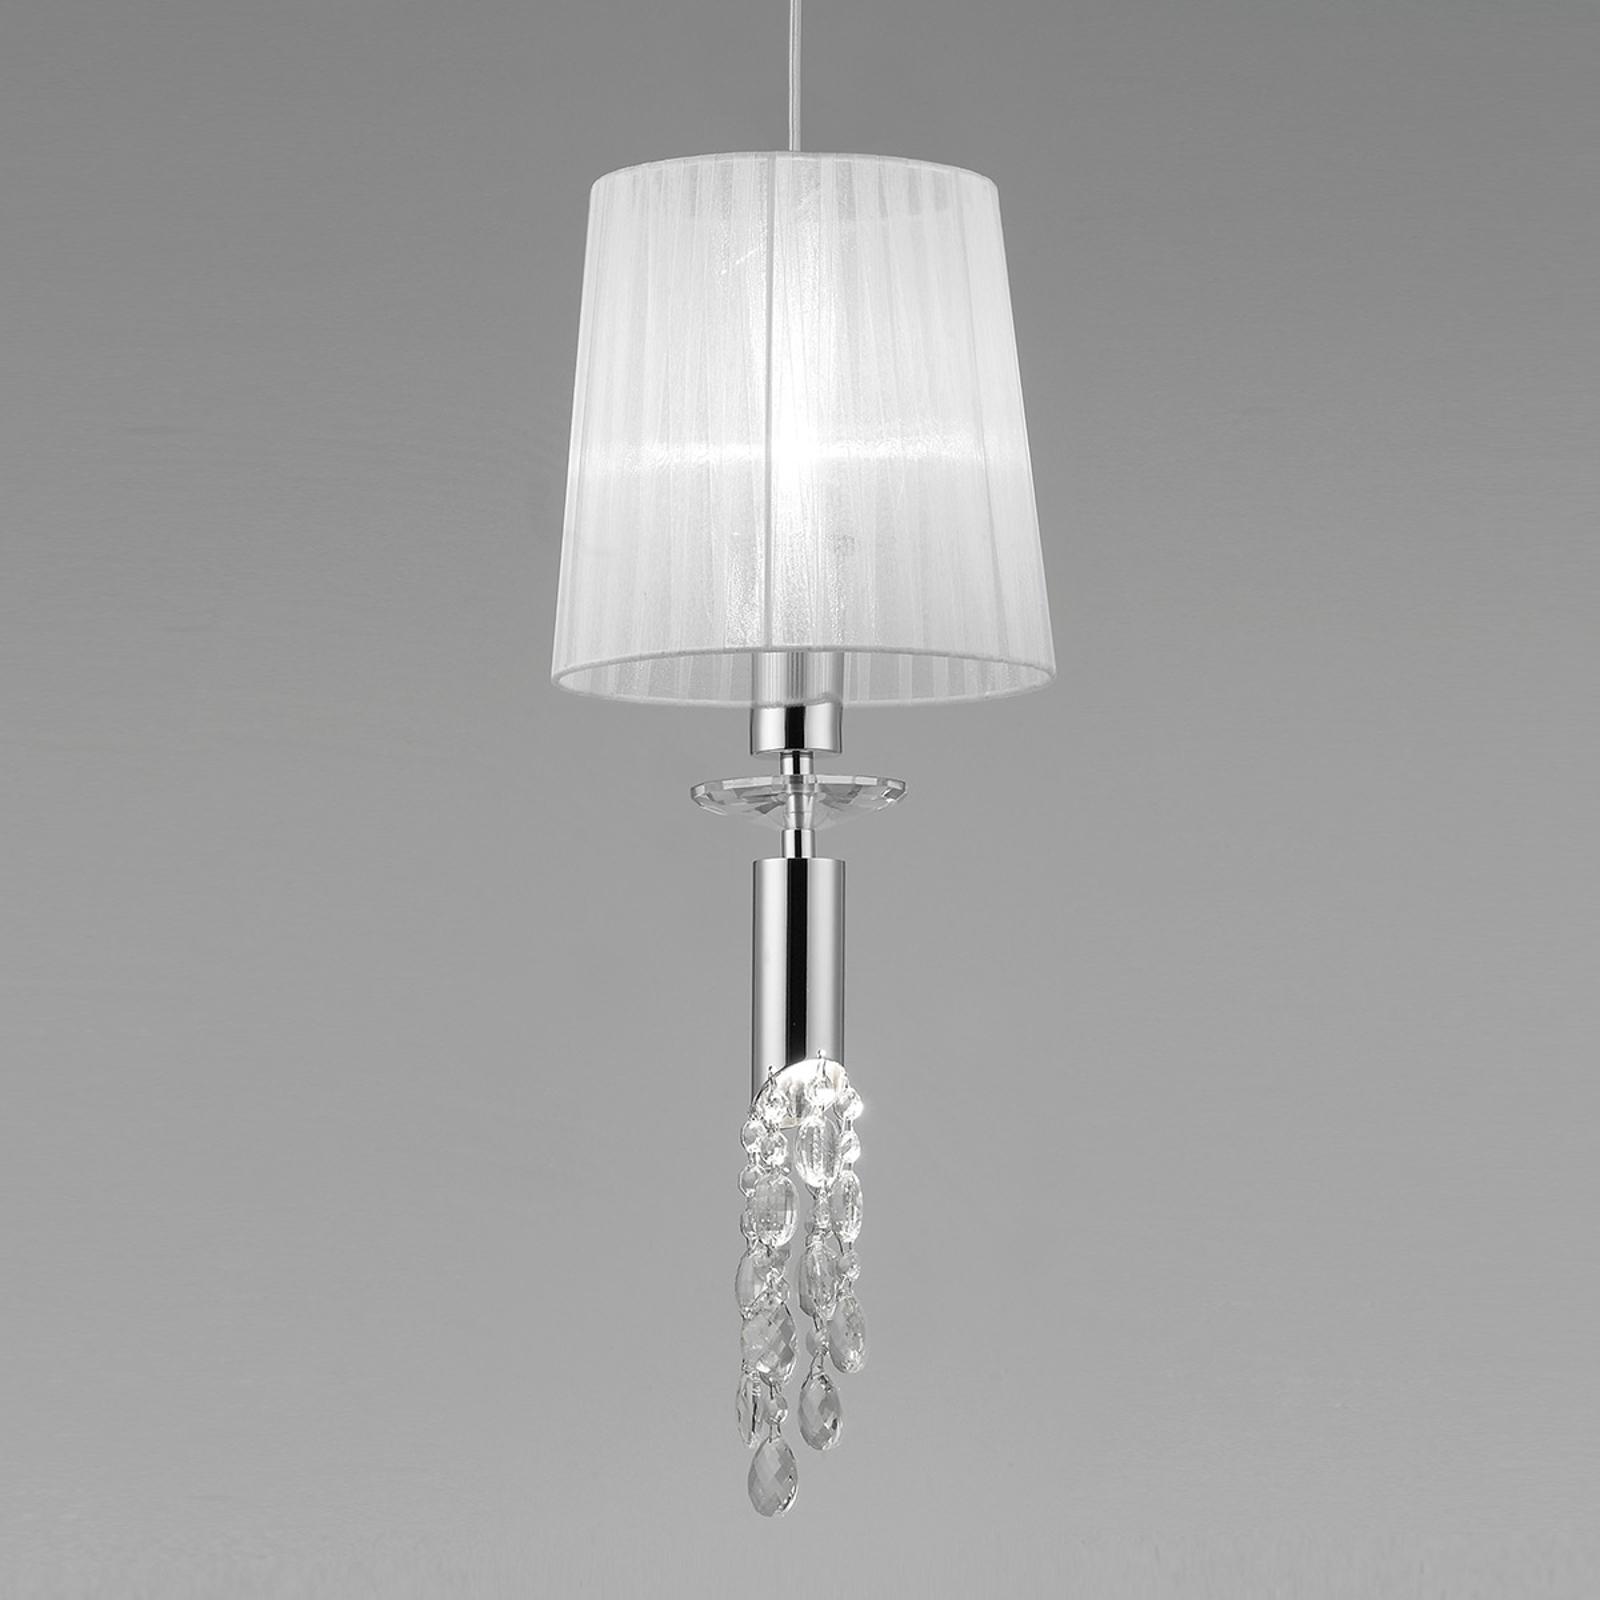 Lampa wisząca Lilja 1-punktowa